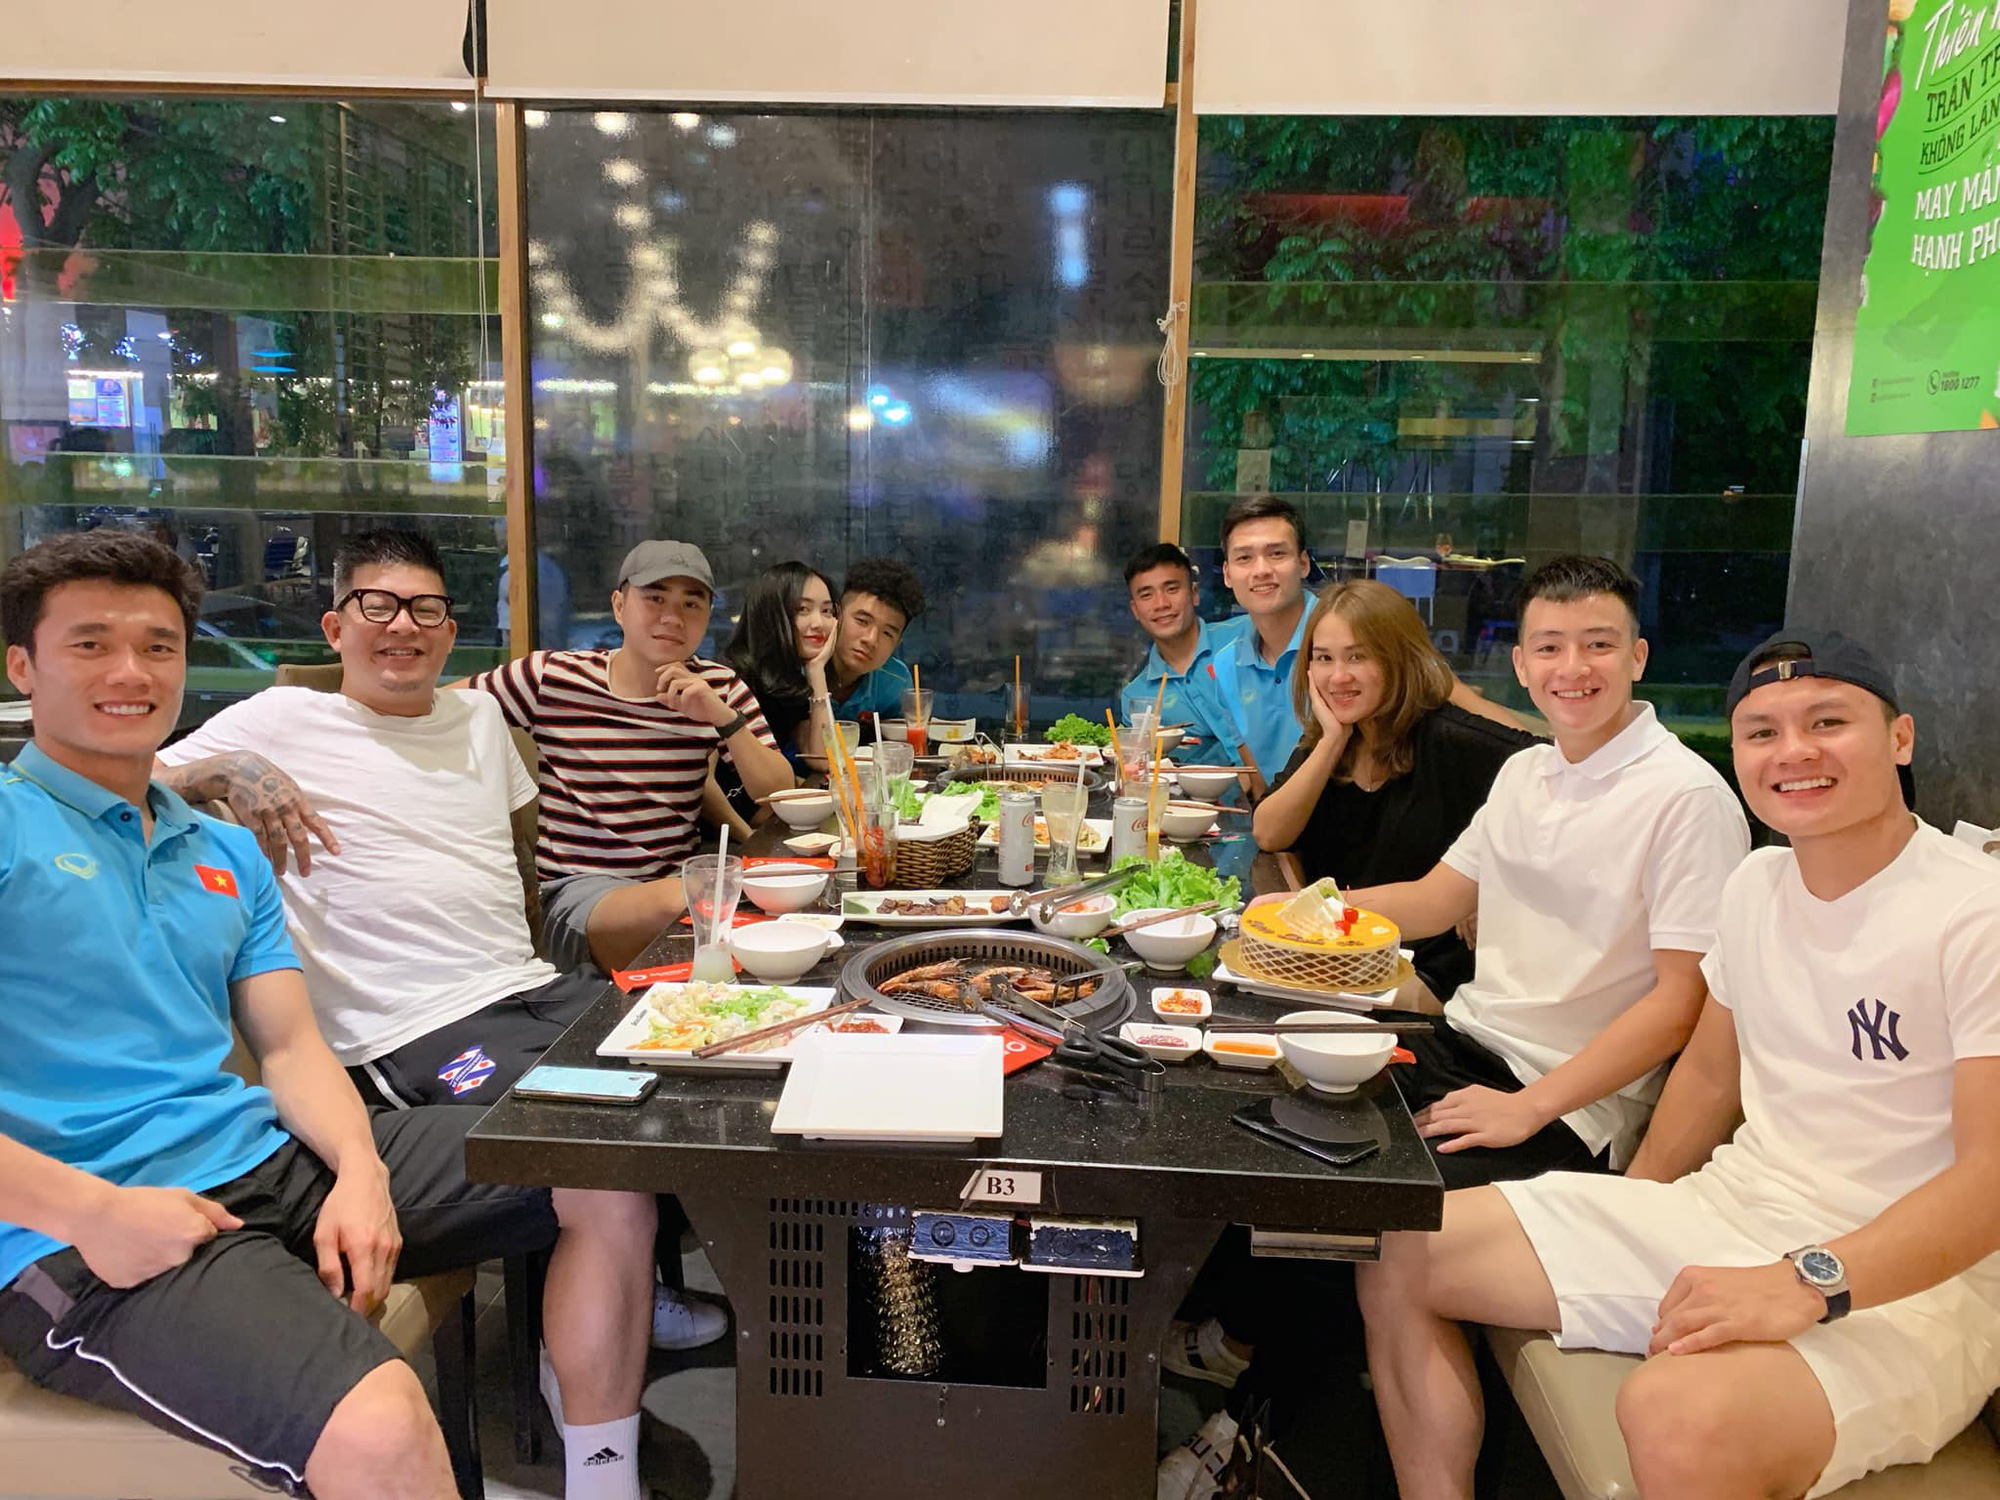 Người anh của Quang Hải trong tin nhắn hacker tiết lộ: Thường xuyên xuất hiện tại nhiều cuộc vui, bữa tiệc của cầu thủ nổi tiếng - Ảnh 7.